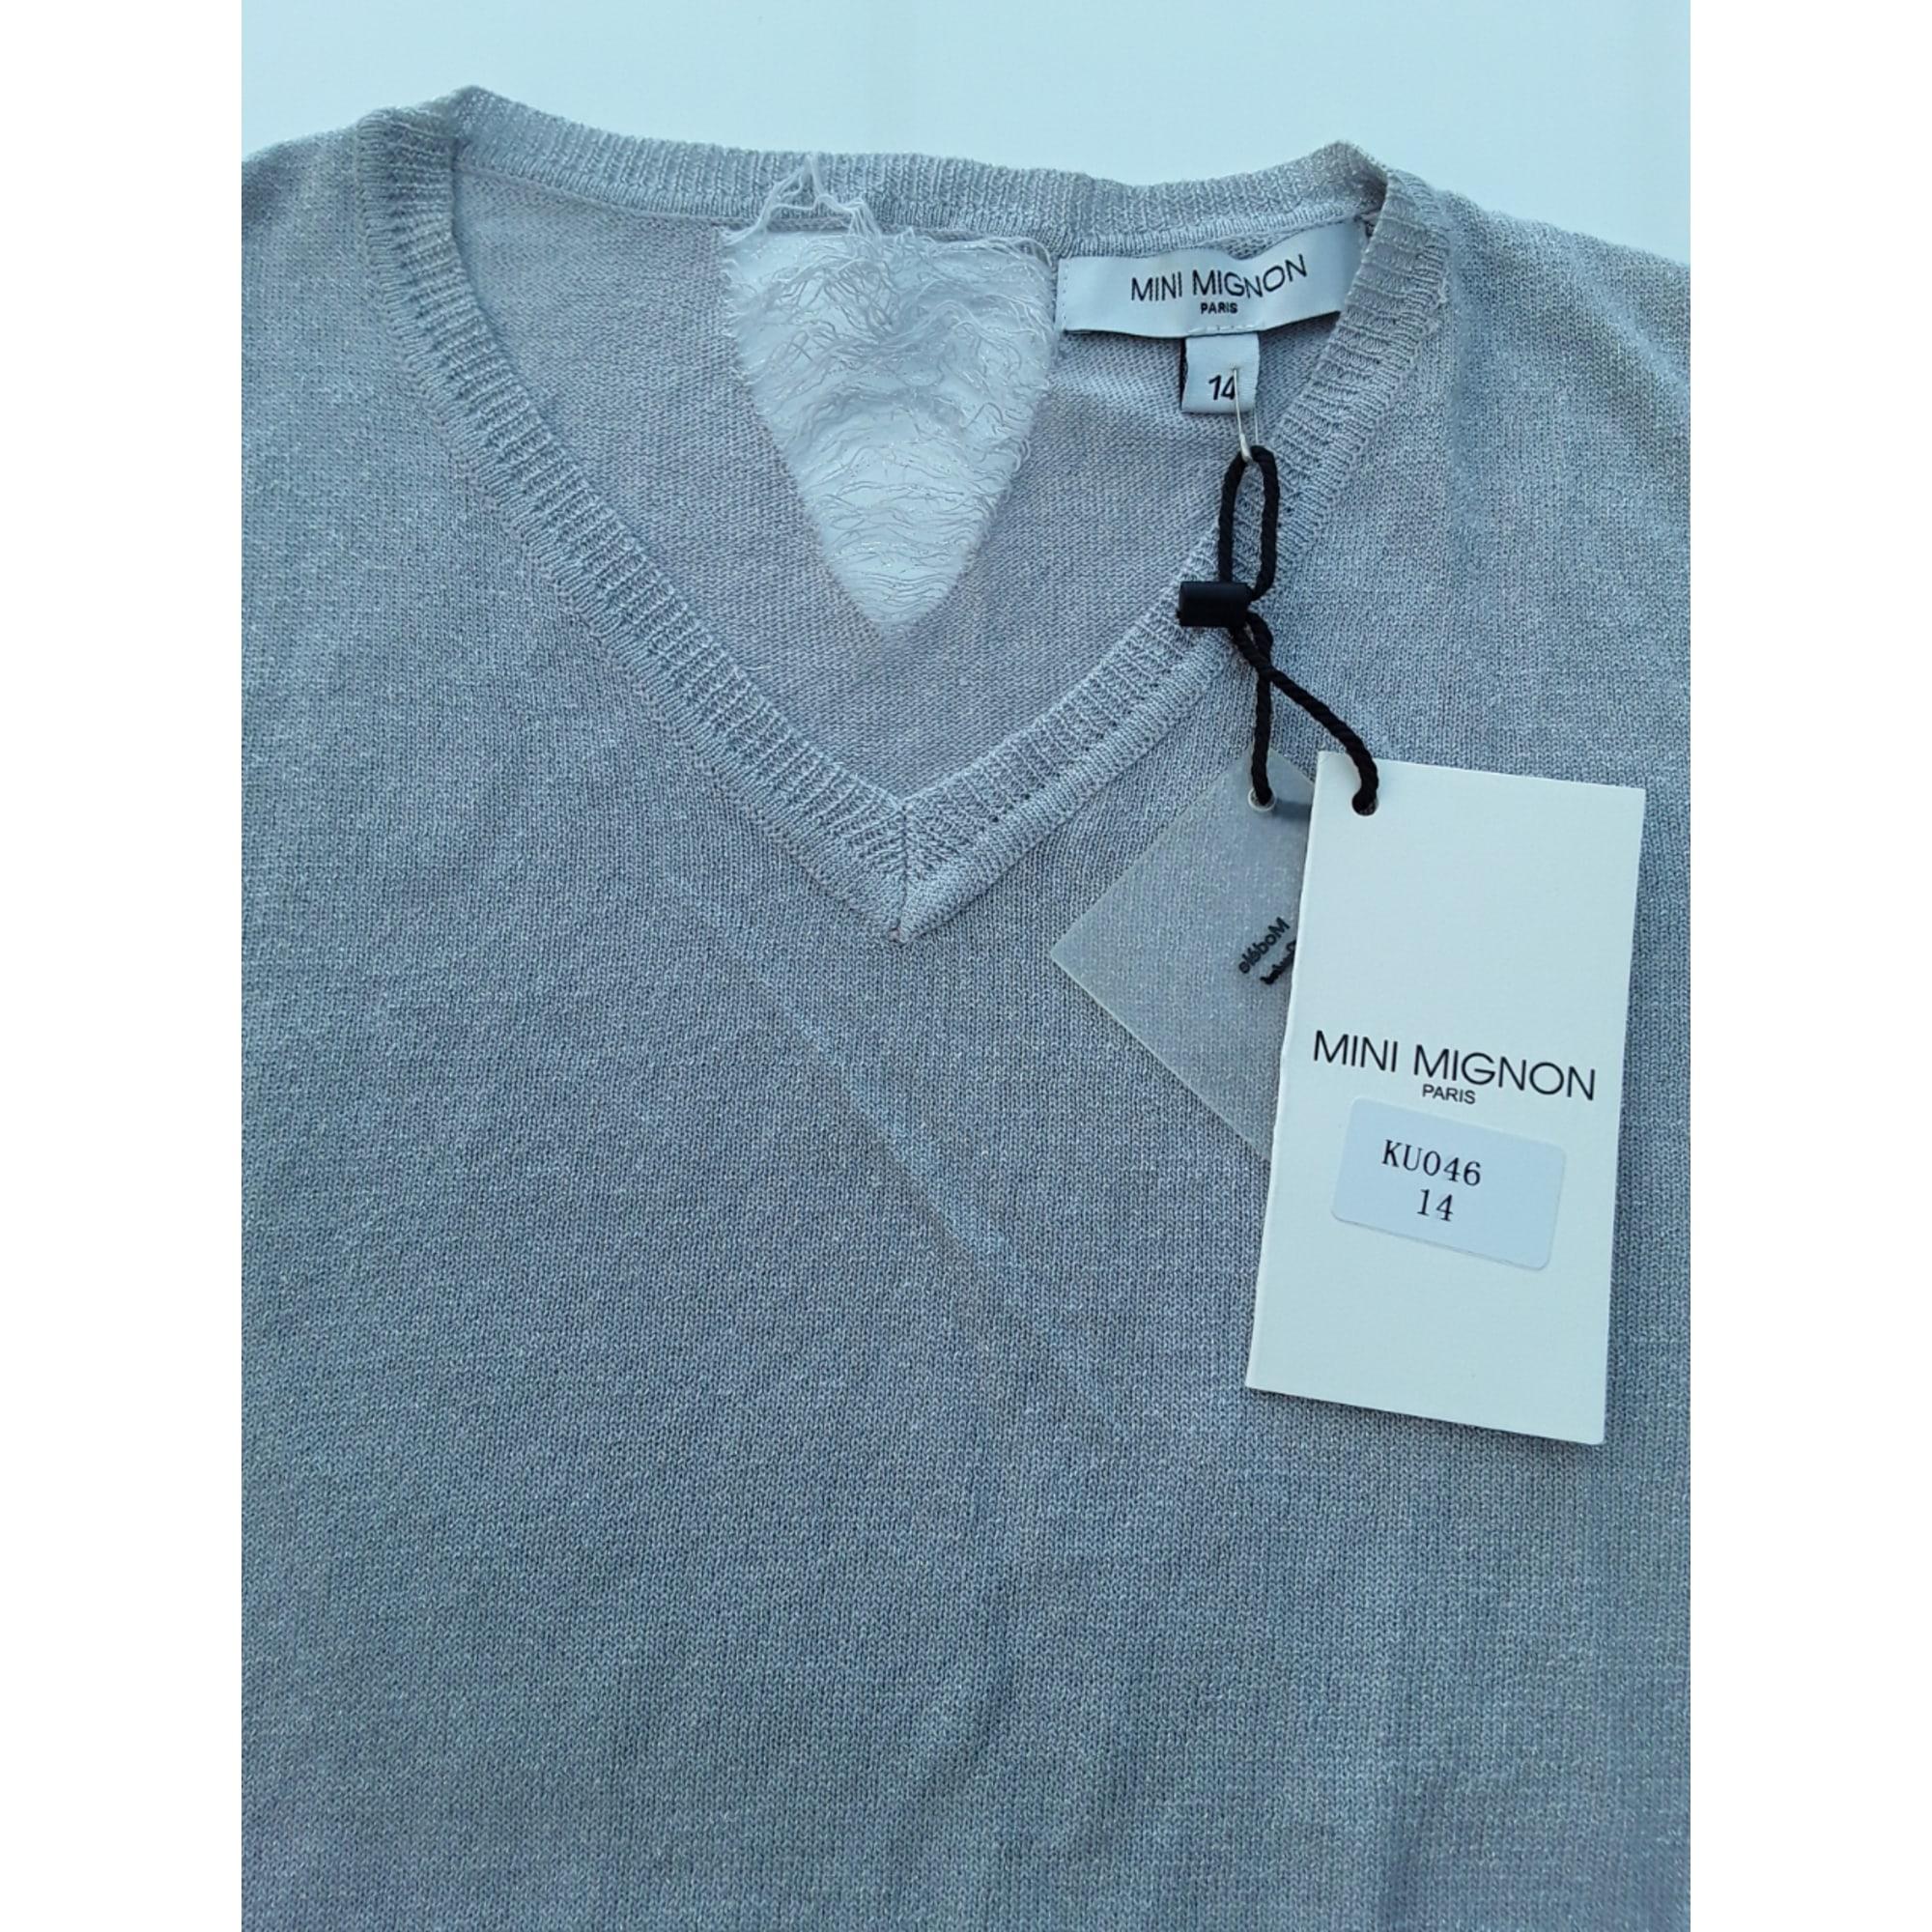 Top, Tee-shirt MINI MIGNON Gris, anthracite